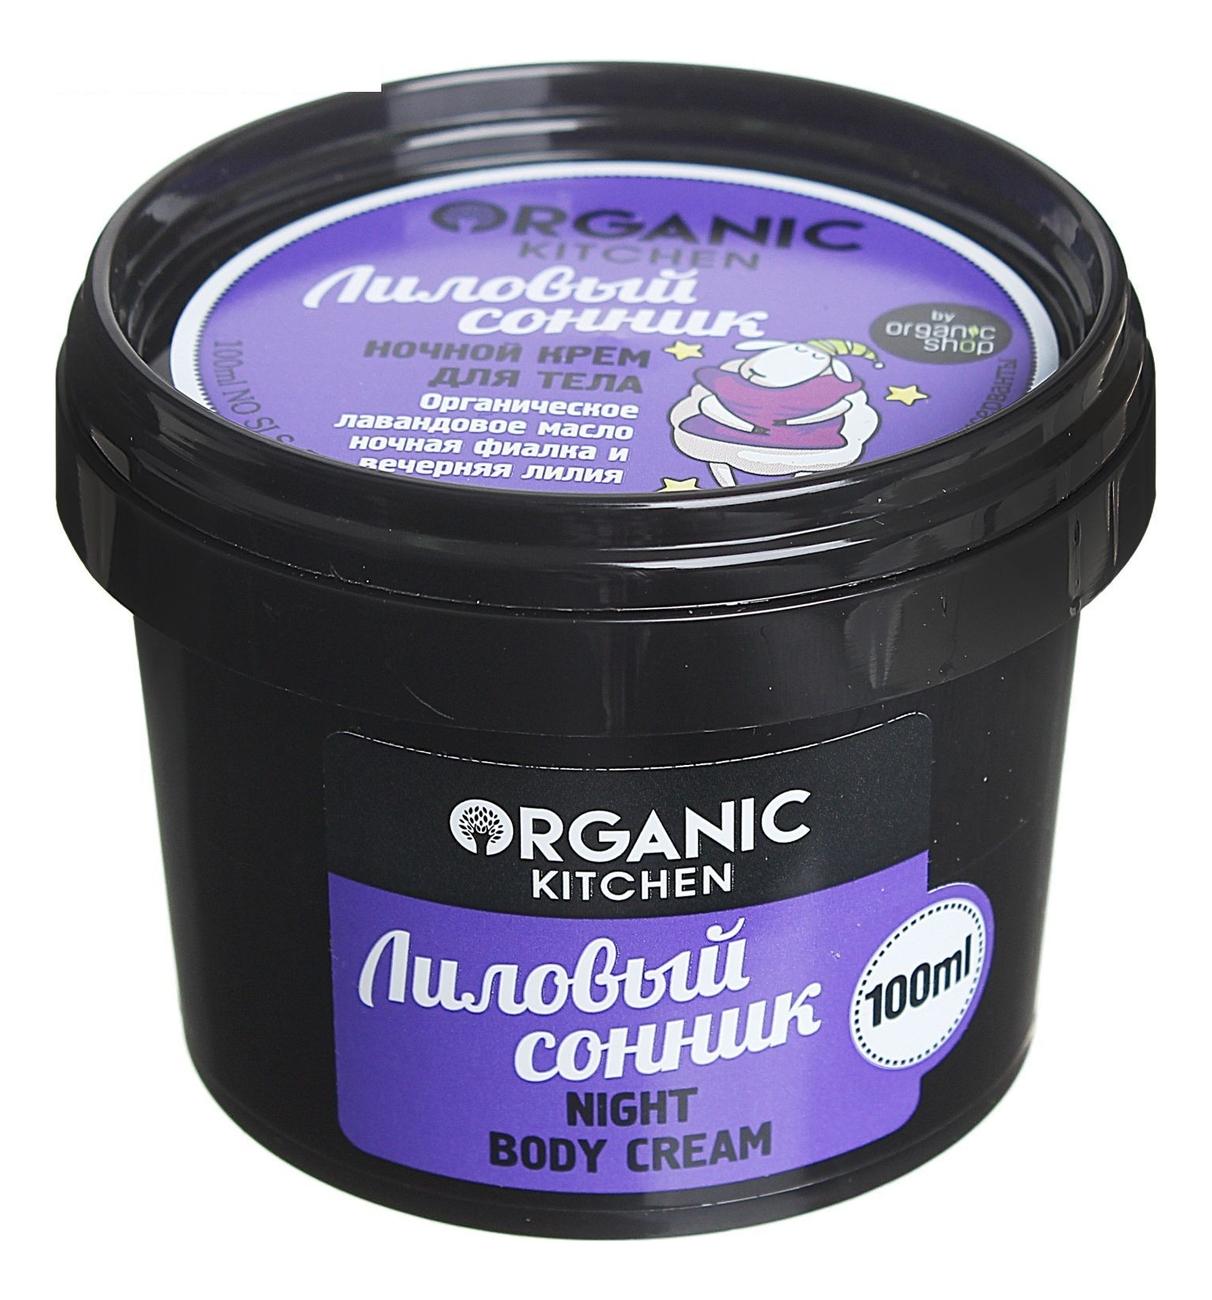 Ночной крем для тела Лиловый сонник Organic Kitchen Night Body Cream 100мл крем для тела ночной natural project